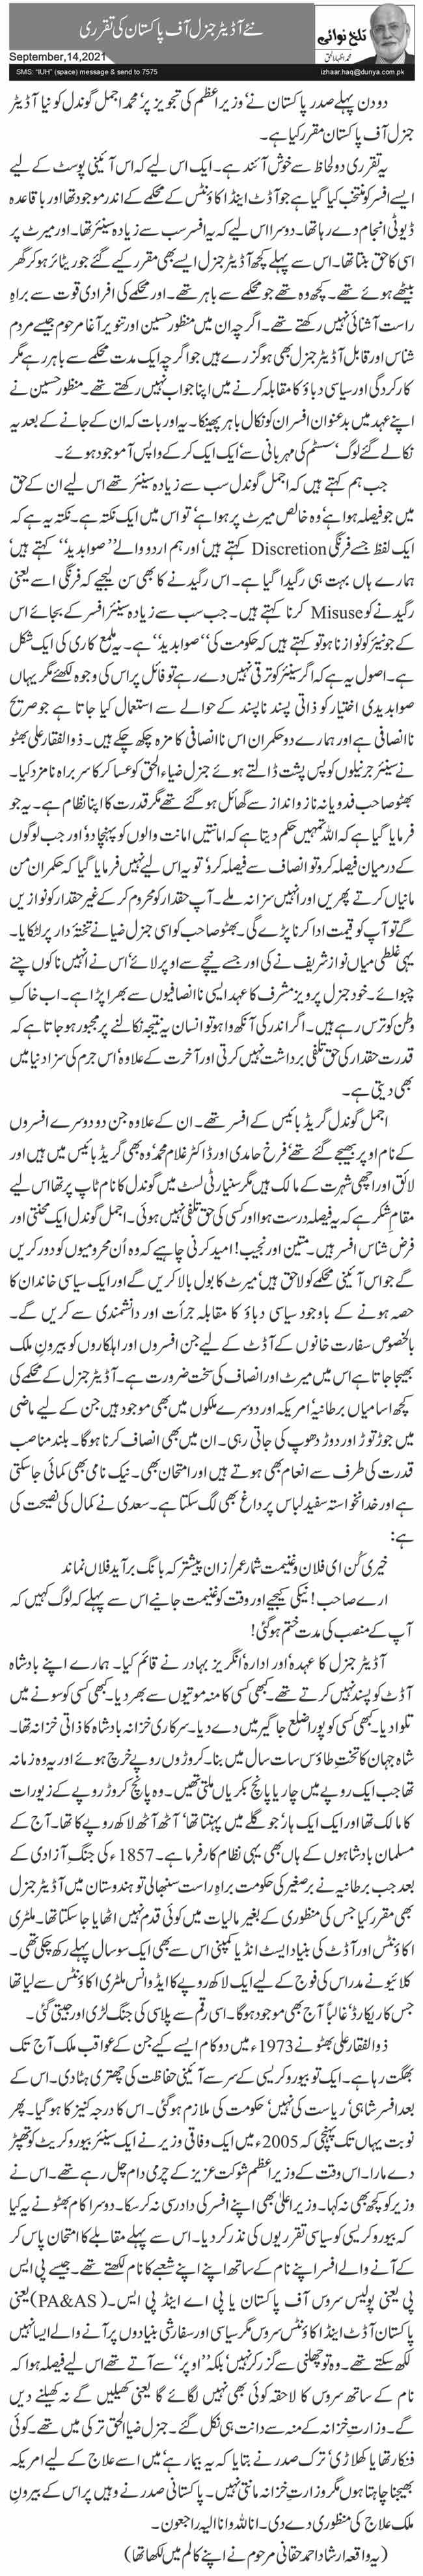 نئے آڈیٹر جنرل آف پاکستان کی تقرری